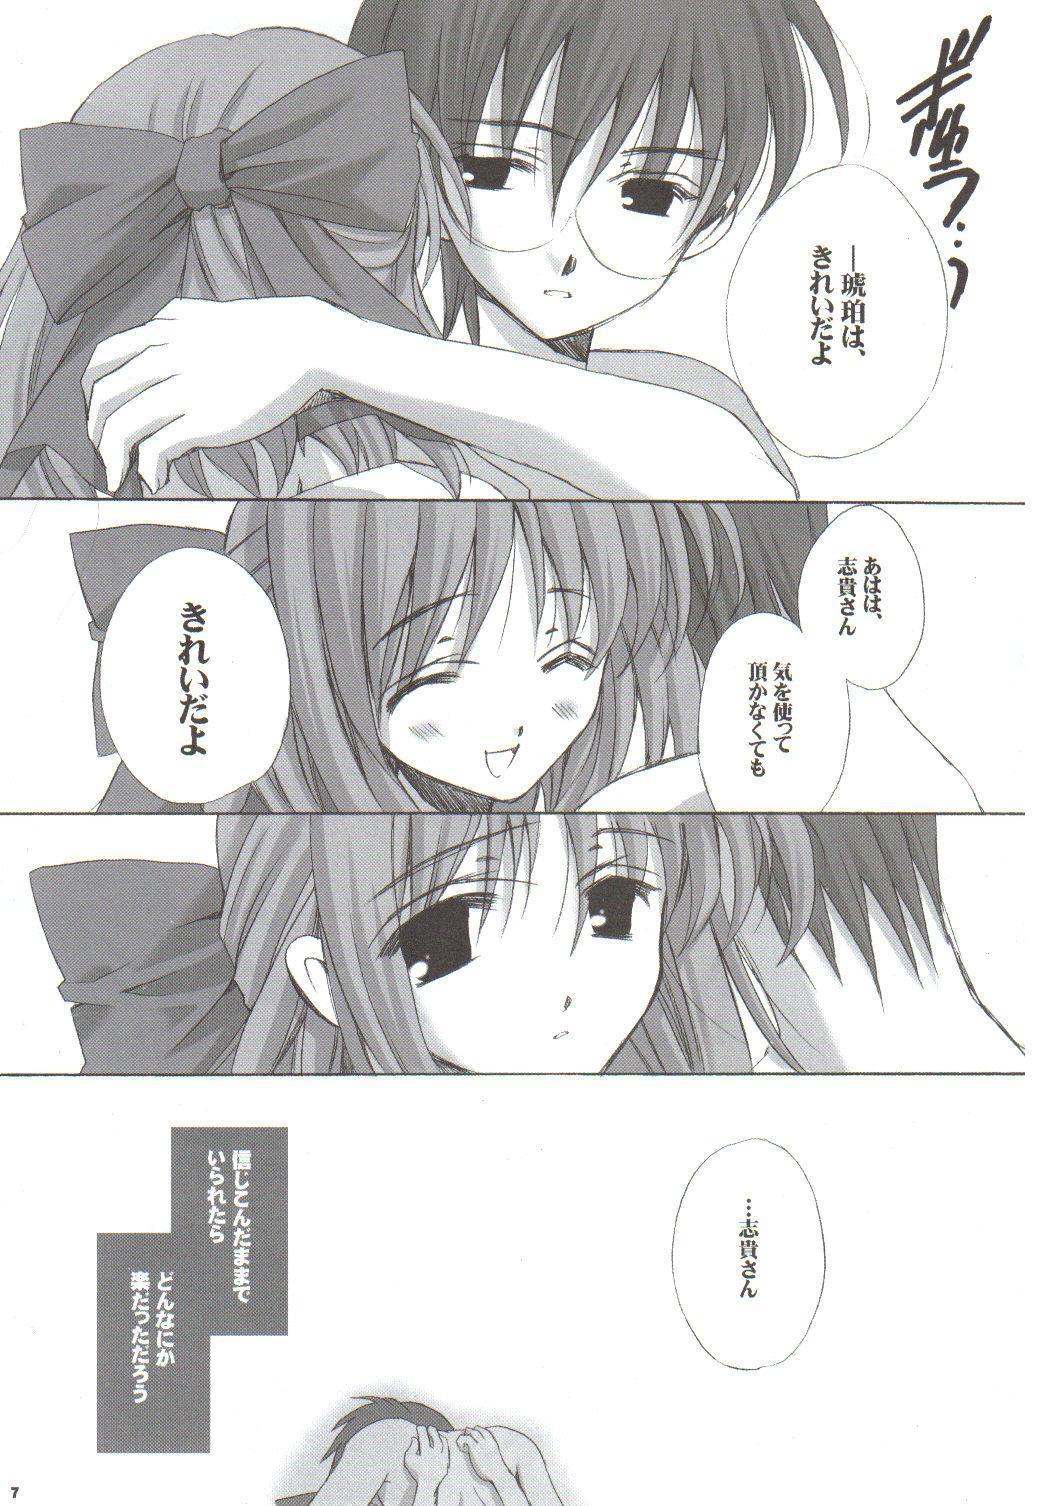 Setsugekka 5